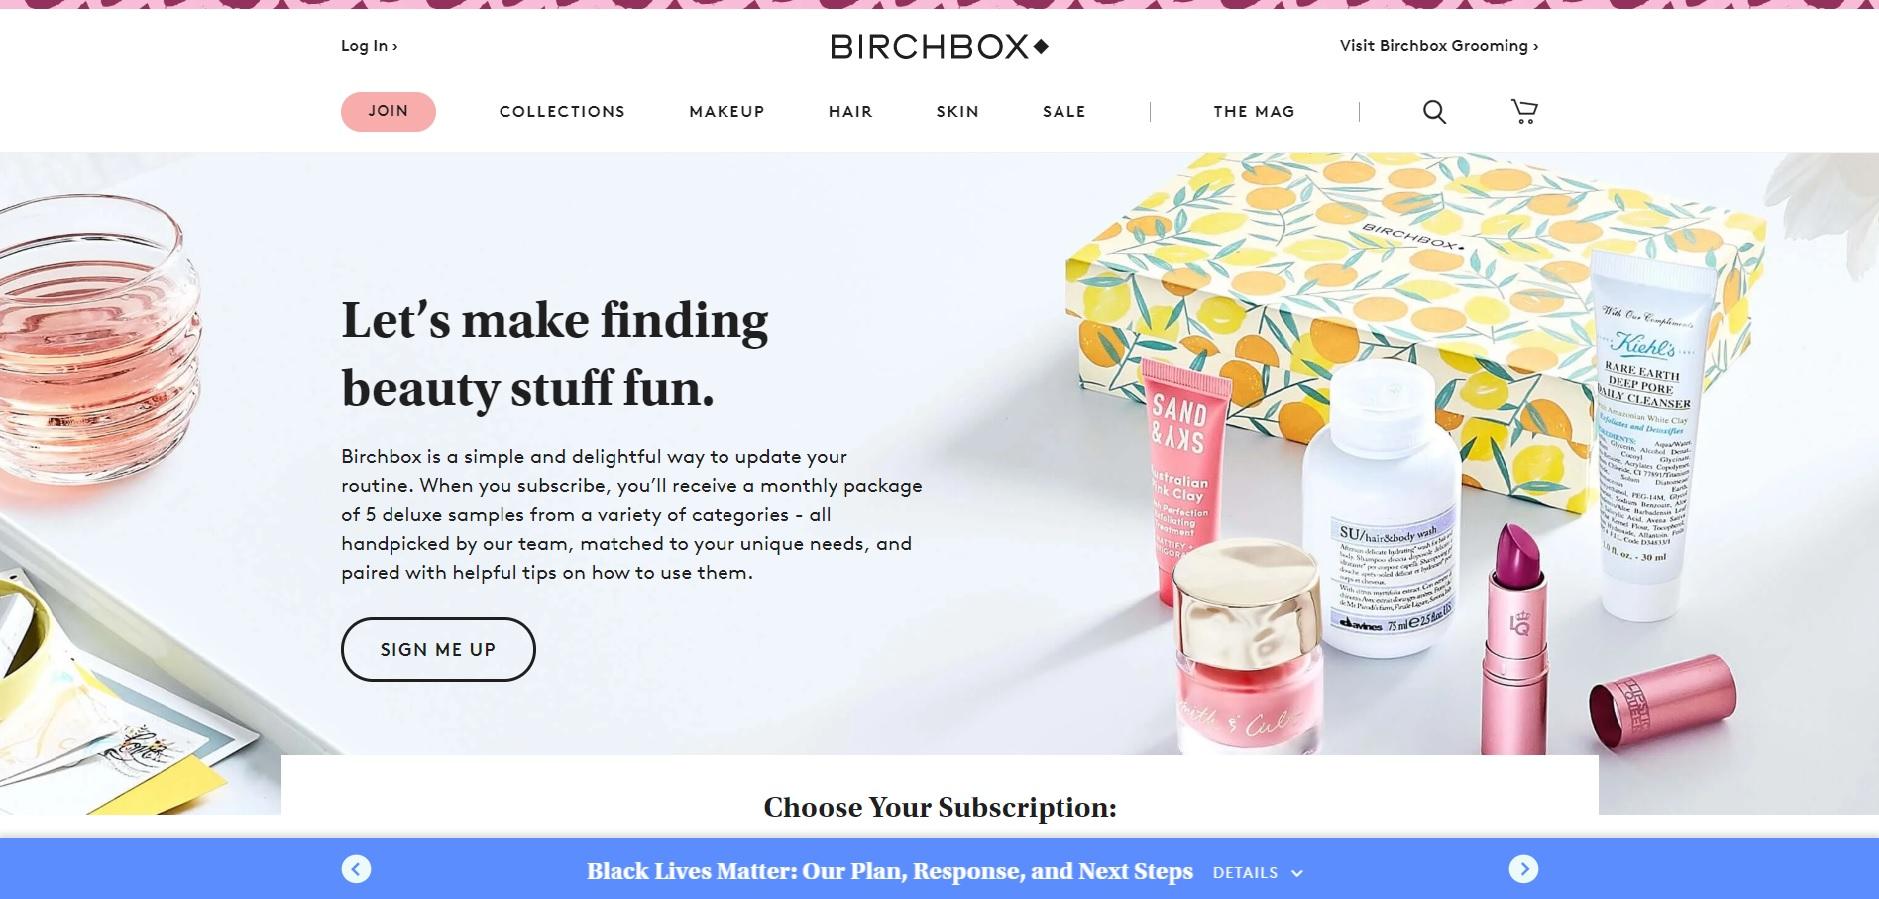 인바운드 마케팅 방법 - 버치박스